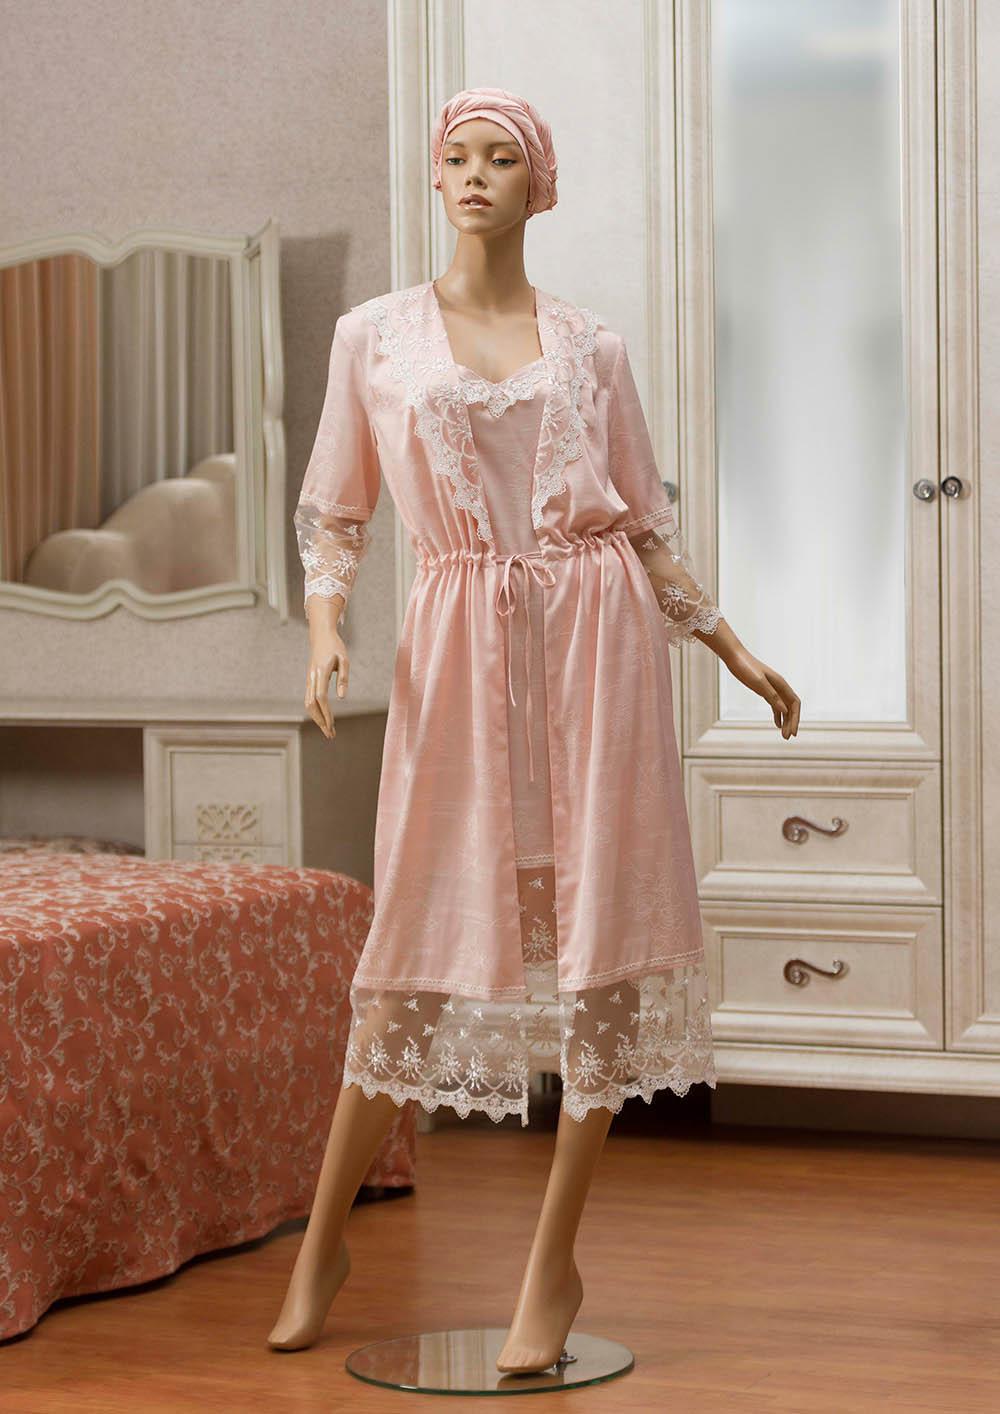 Домашние халаты Primavelle Домашний халат Lavole Цвет: Розовый (M-L) сауны бани и оборудование primavelle халат smile цвет персиковый m l